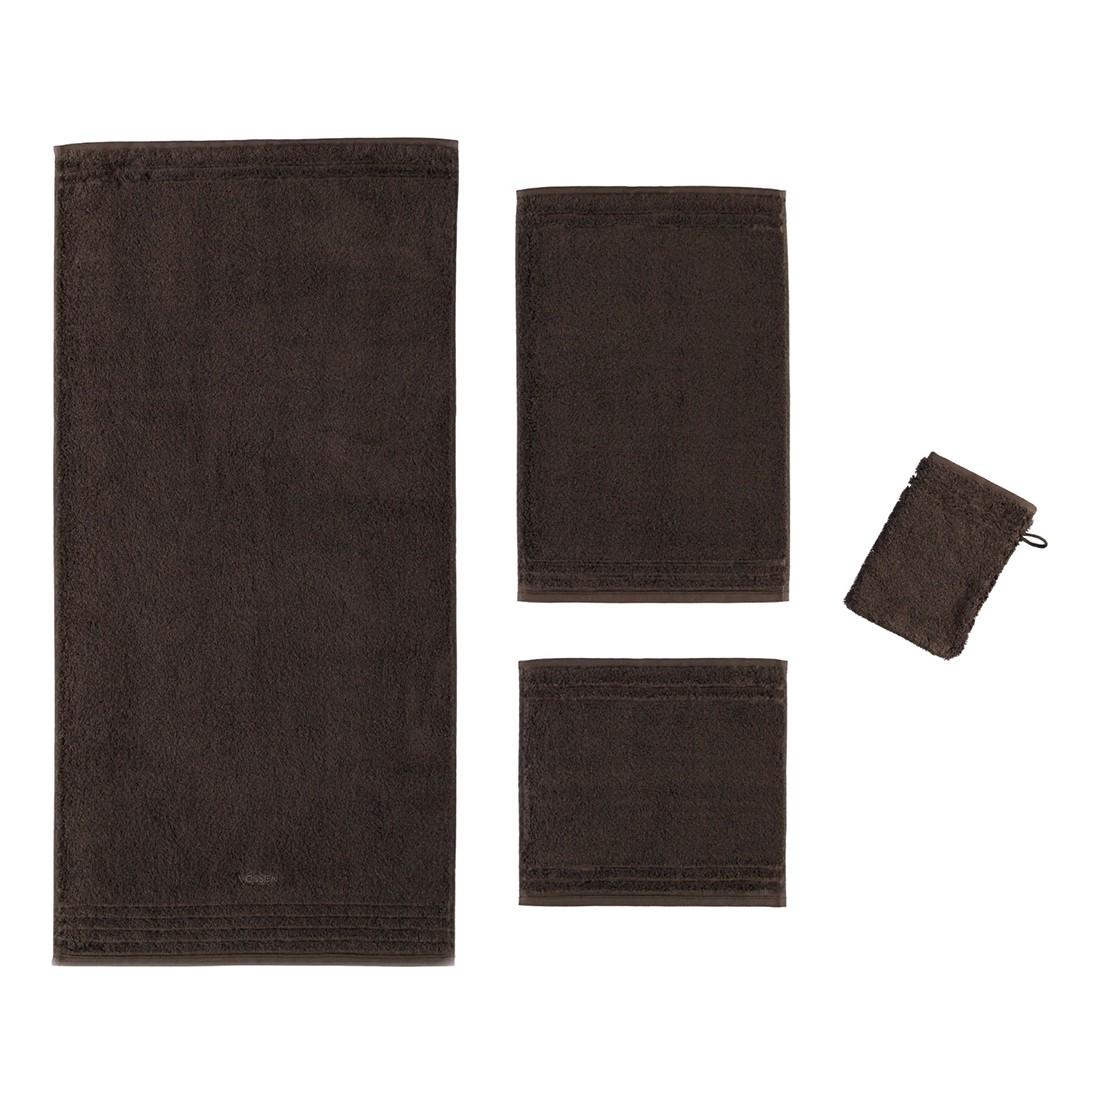 Handtuch Vienna Style Supersoft – 100% Baumwolle dark brown – 693 – Gästetuch: 30 x 50 cm, Vossen günstig